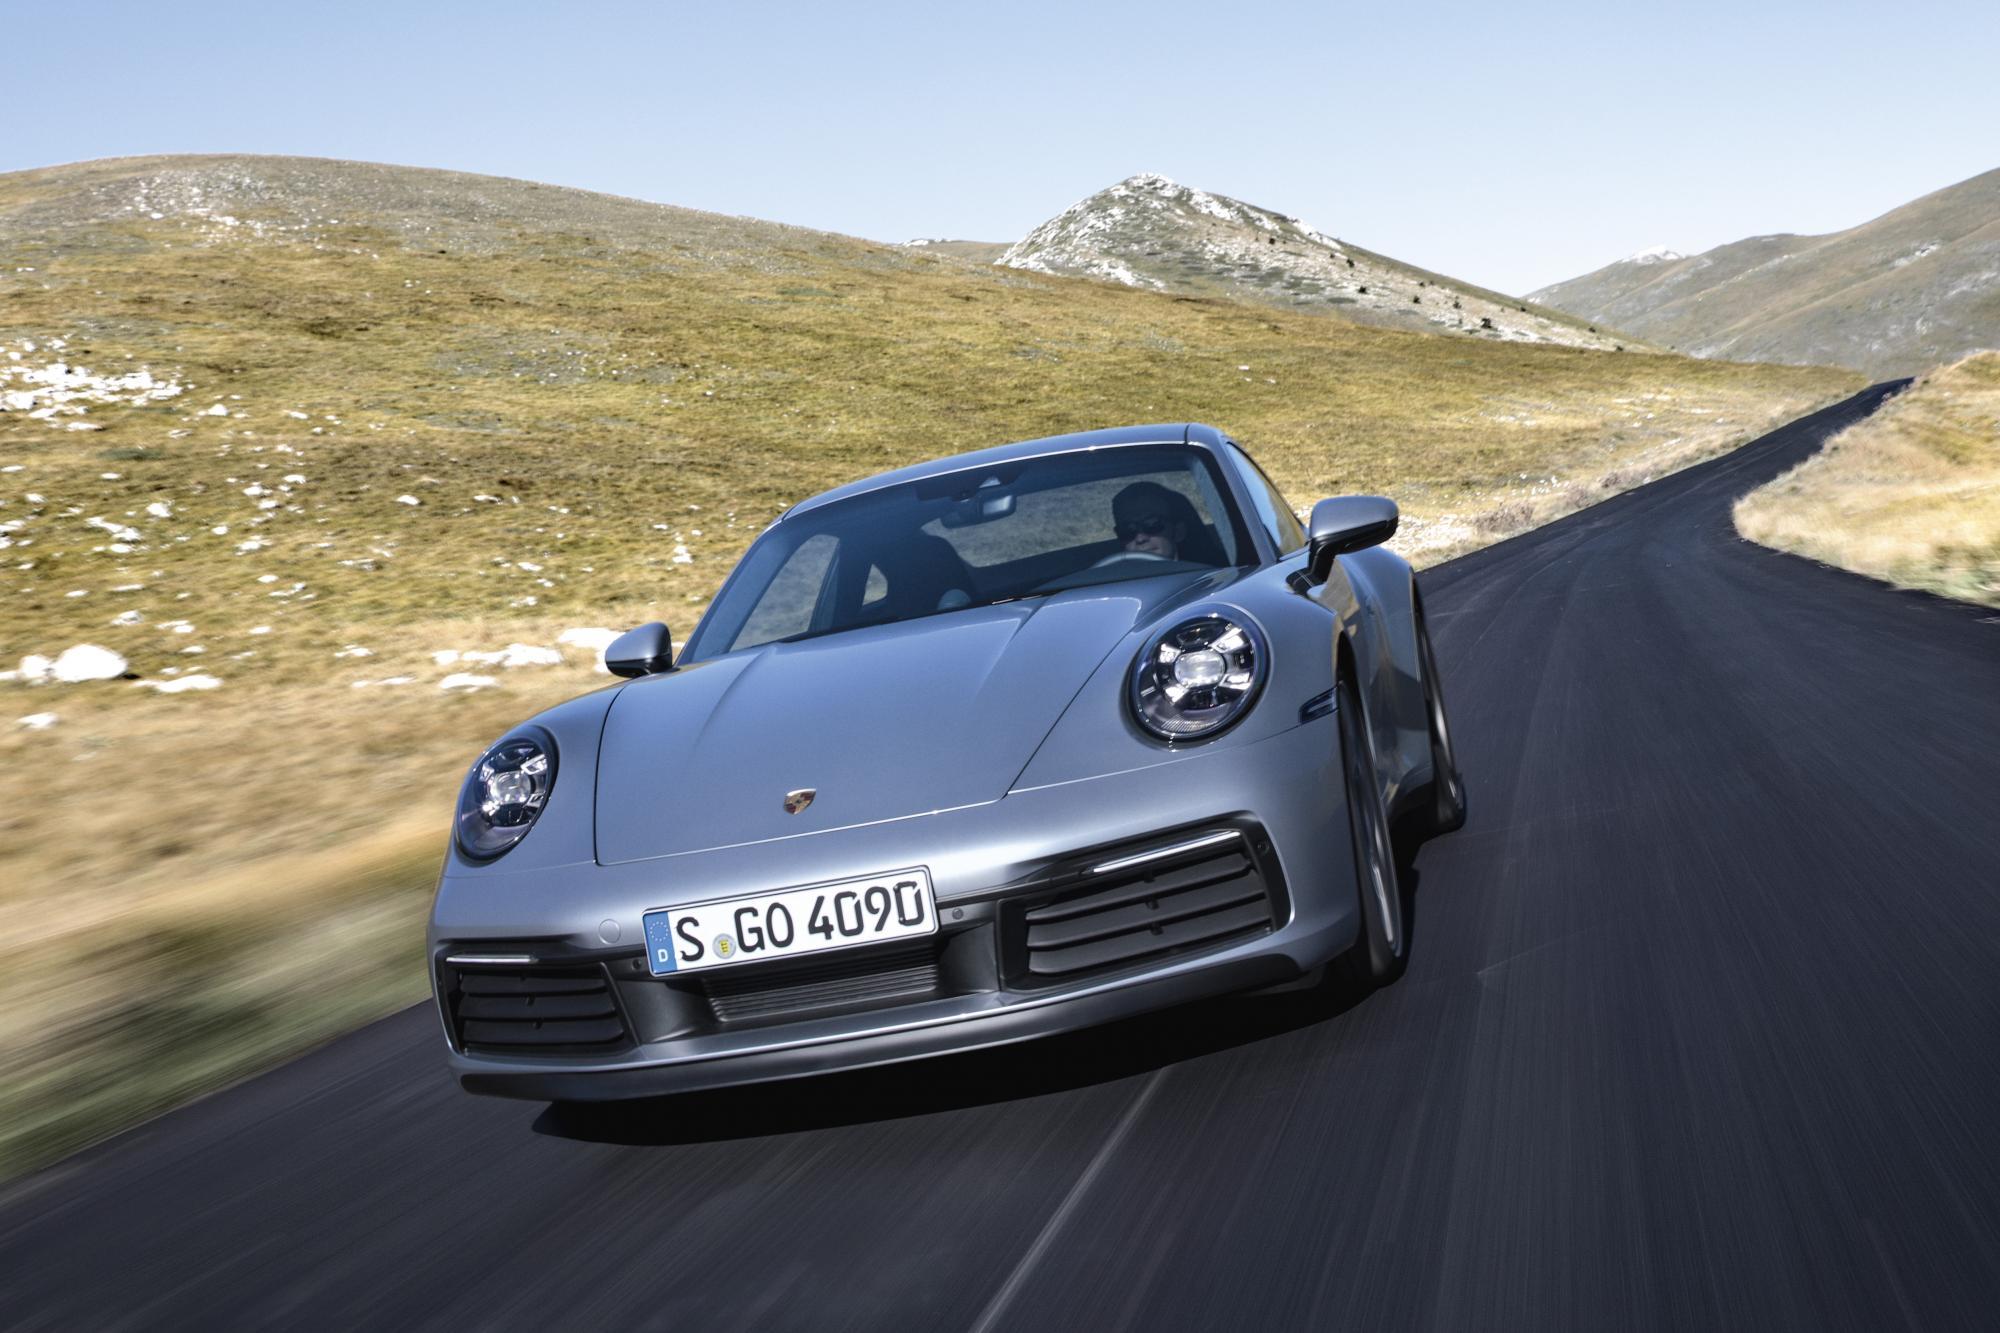 Ποιο μοντέλο της Porsche είναι το best seller της;